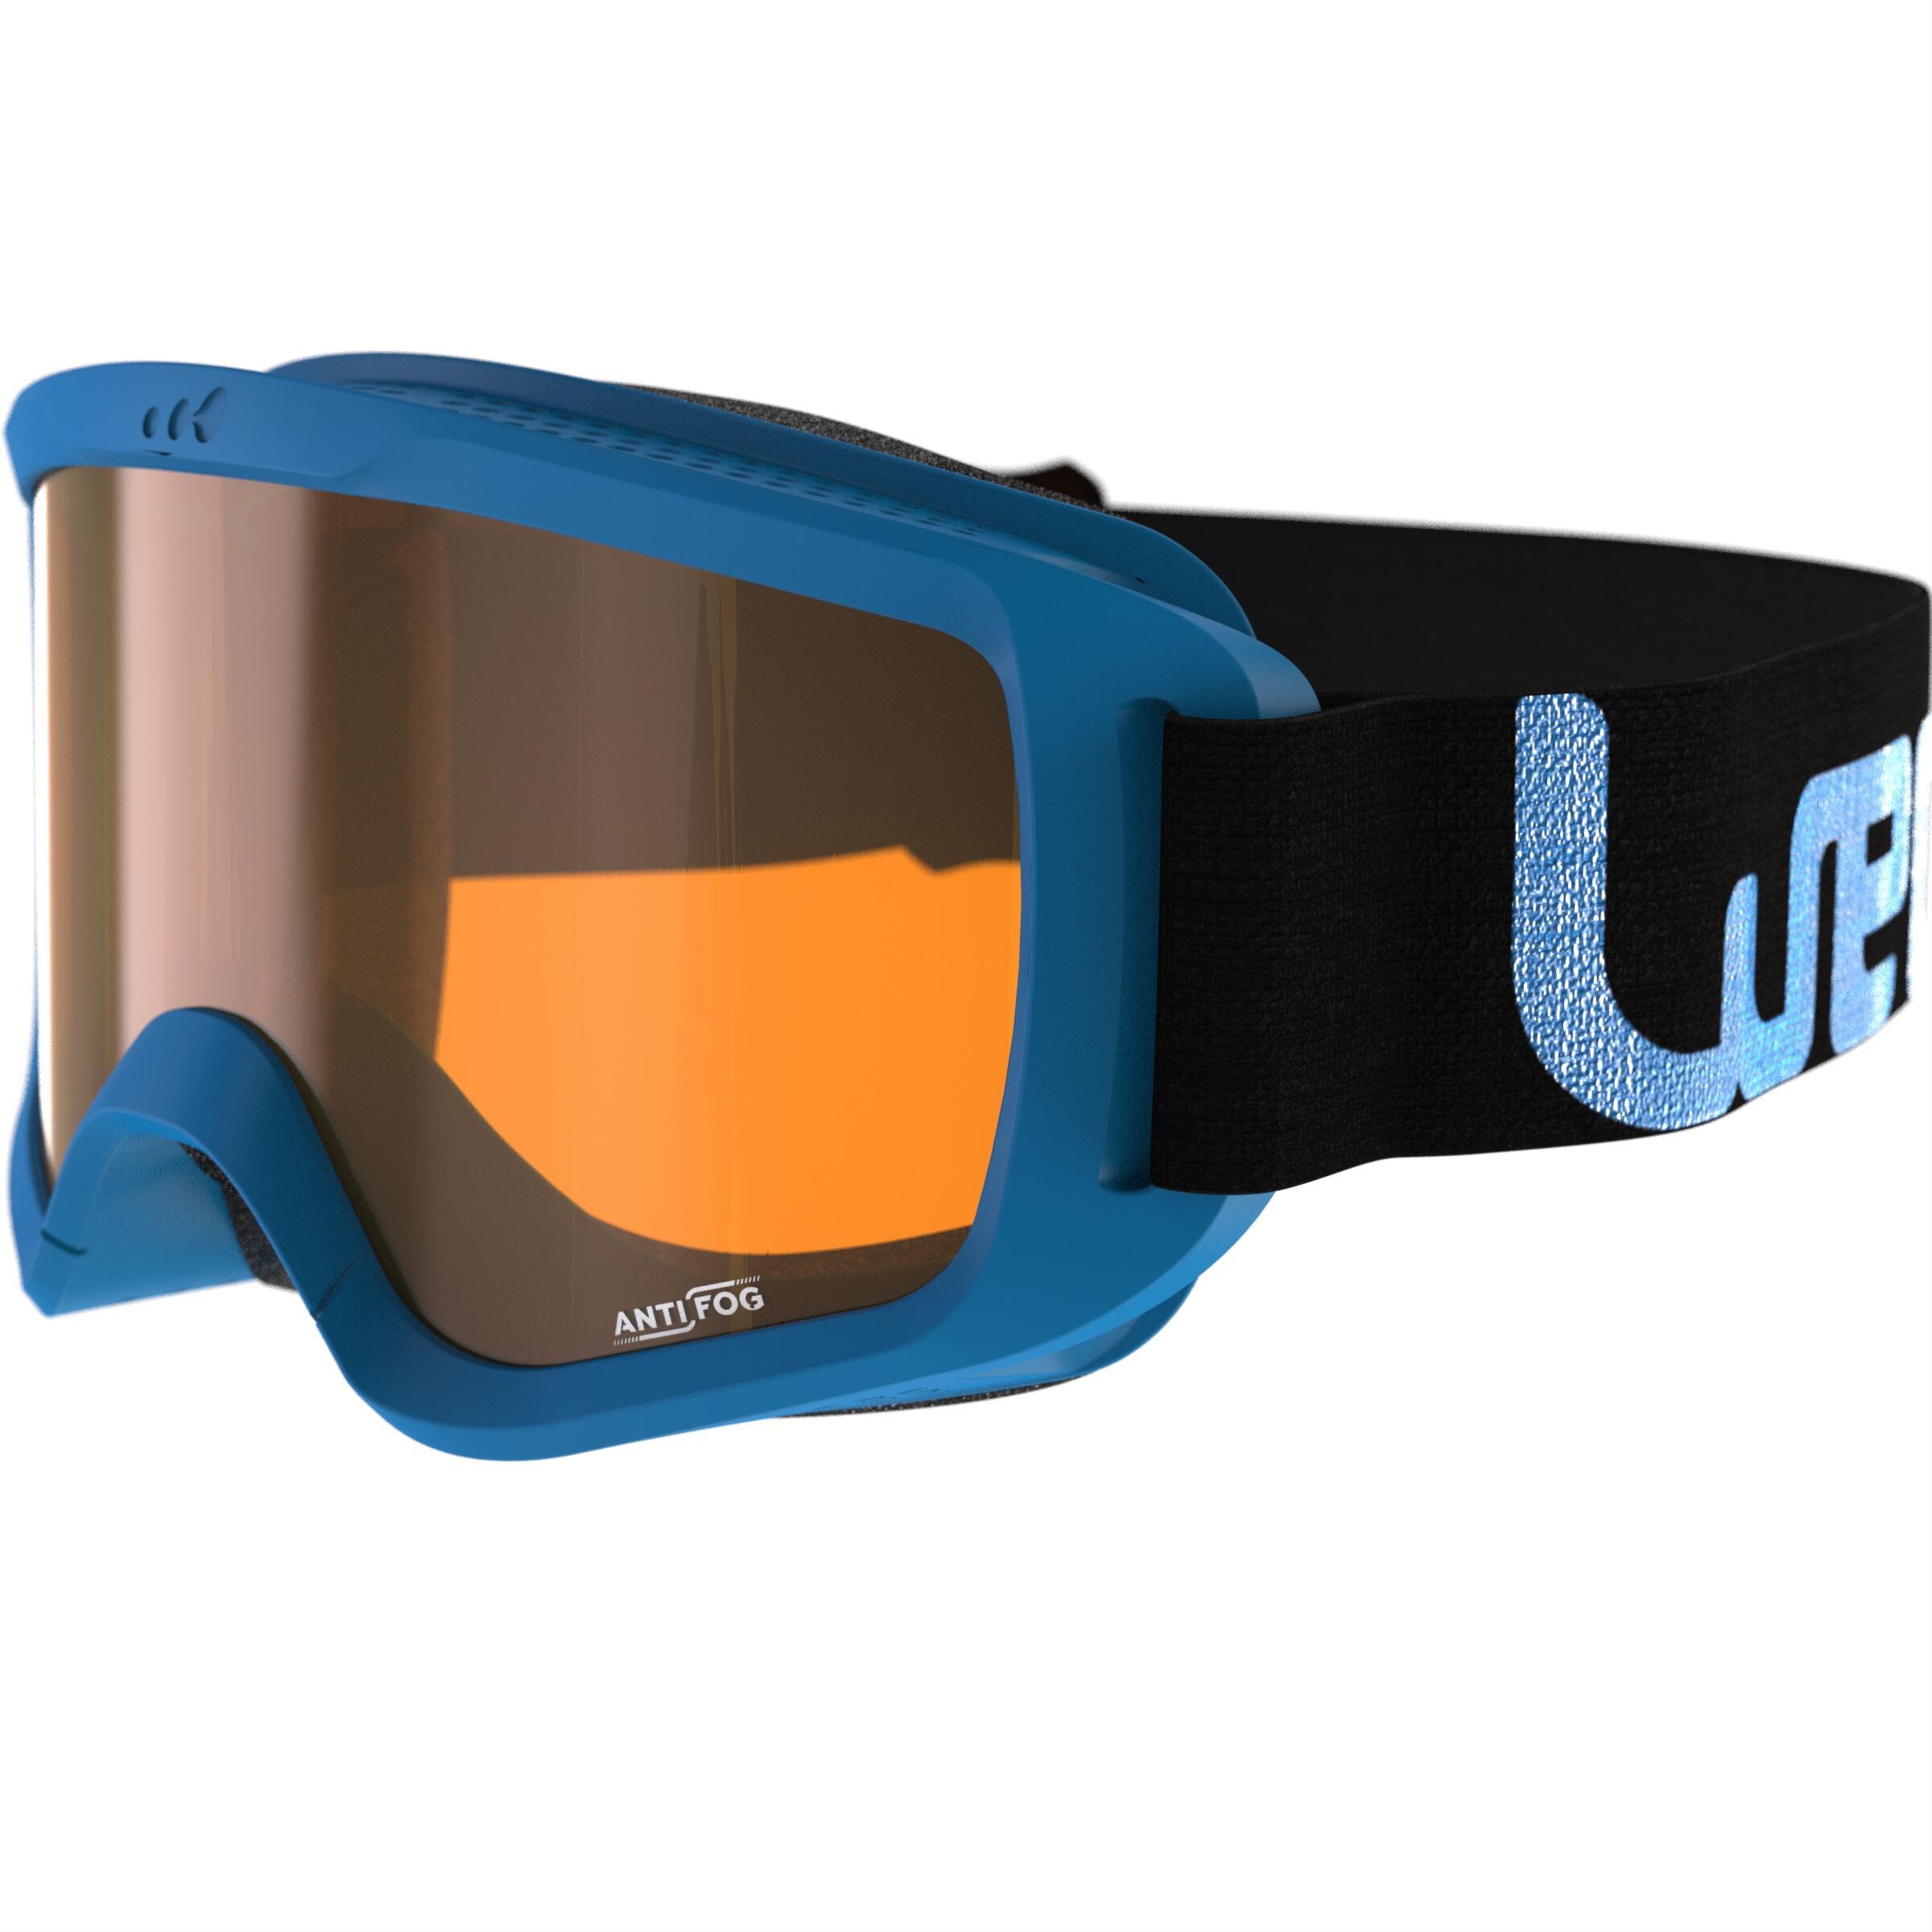 Negro Unisex para Hombres y Mujeres Gafas de Escalada aseguramiento para visi/ón Horizontal